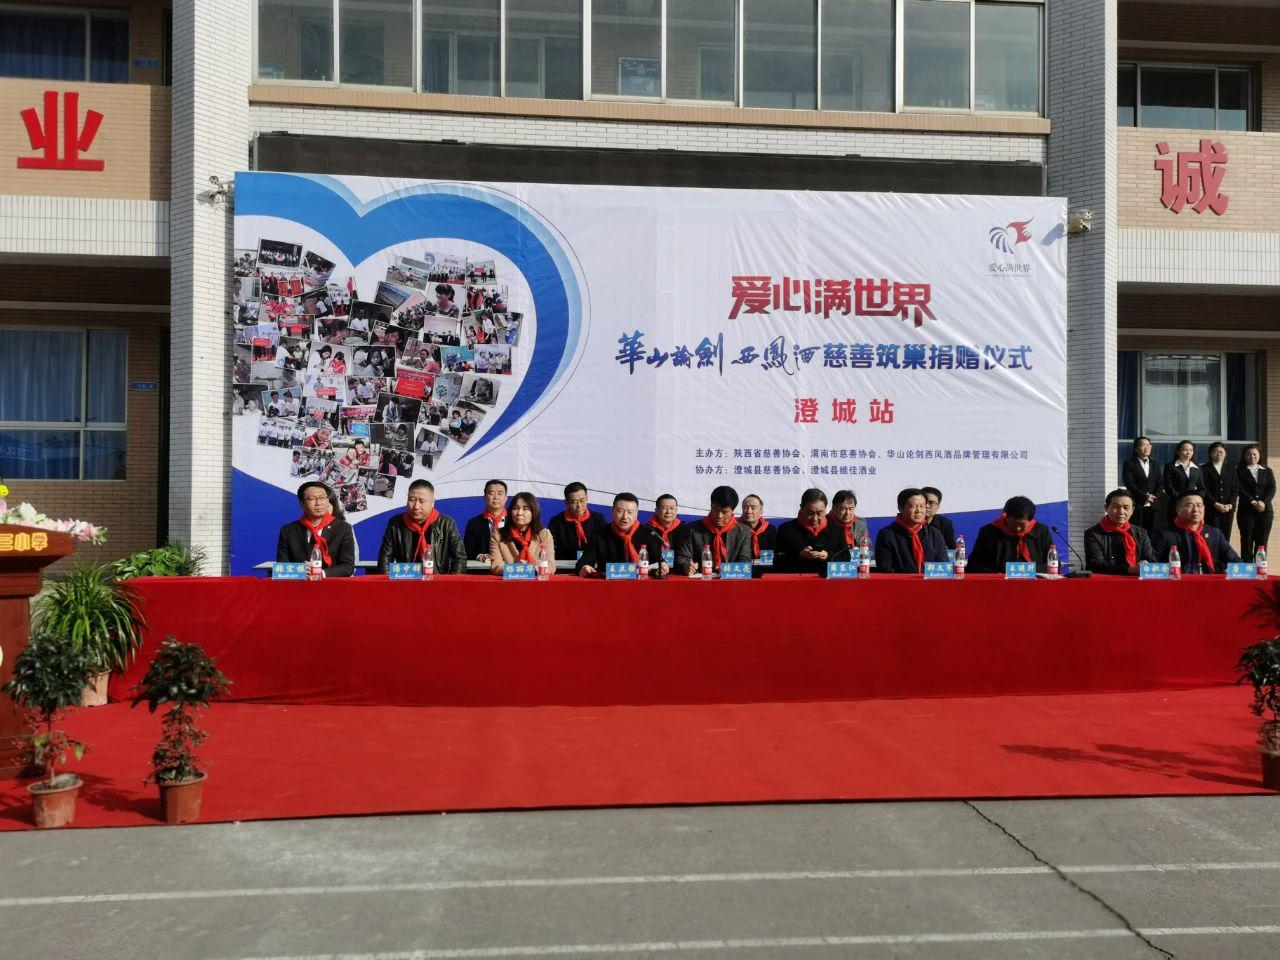 澄城县慈善协会举行华山论剑爱心满世界慈善筑巢活动捐赠仪式